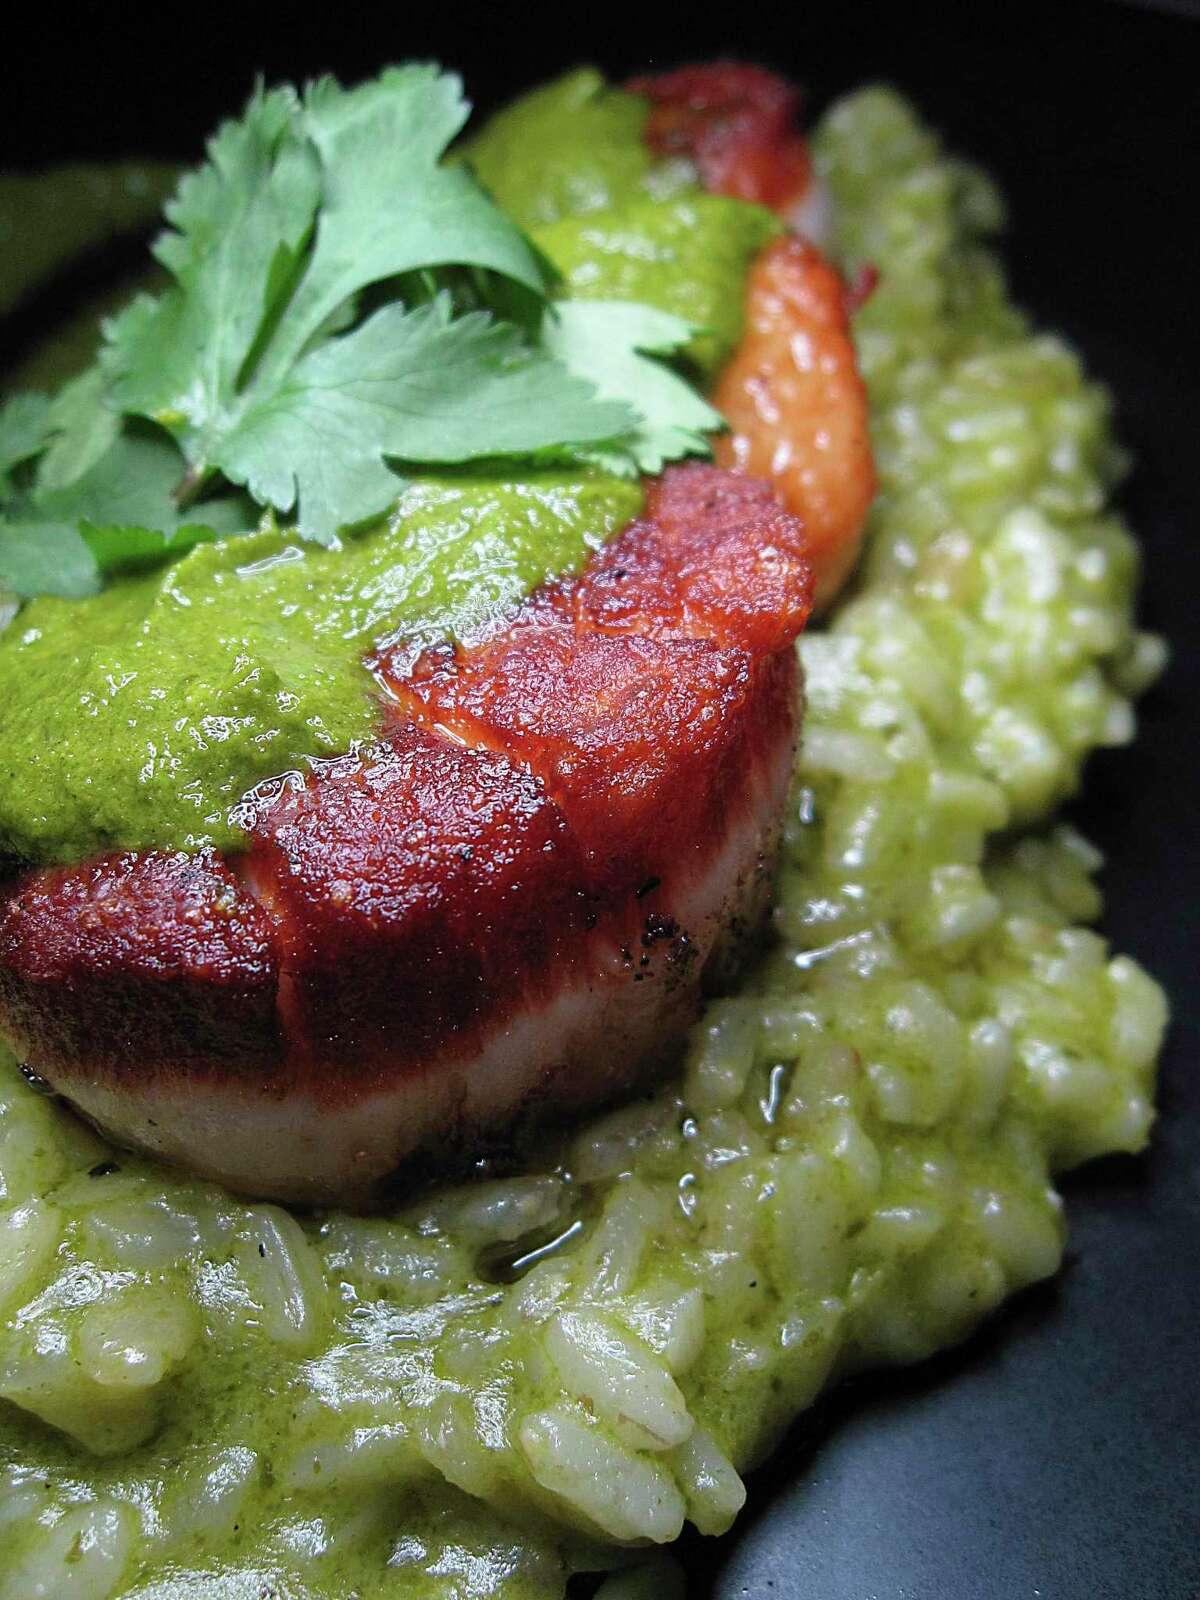 Seared scallops come with cilantro-lime risotto at Julia's Bistro & Bar.